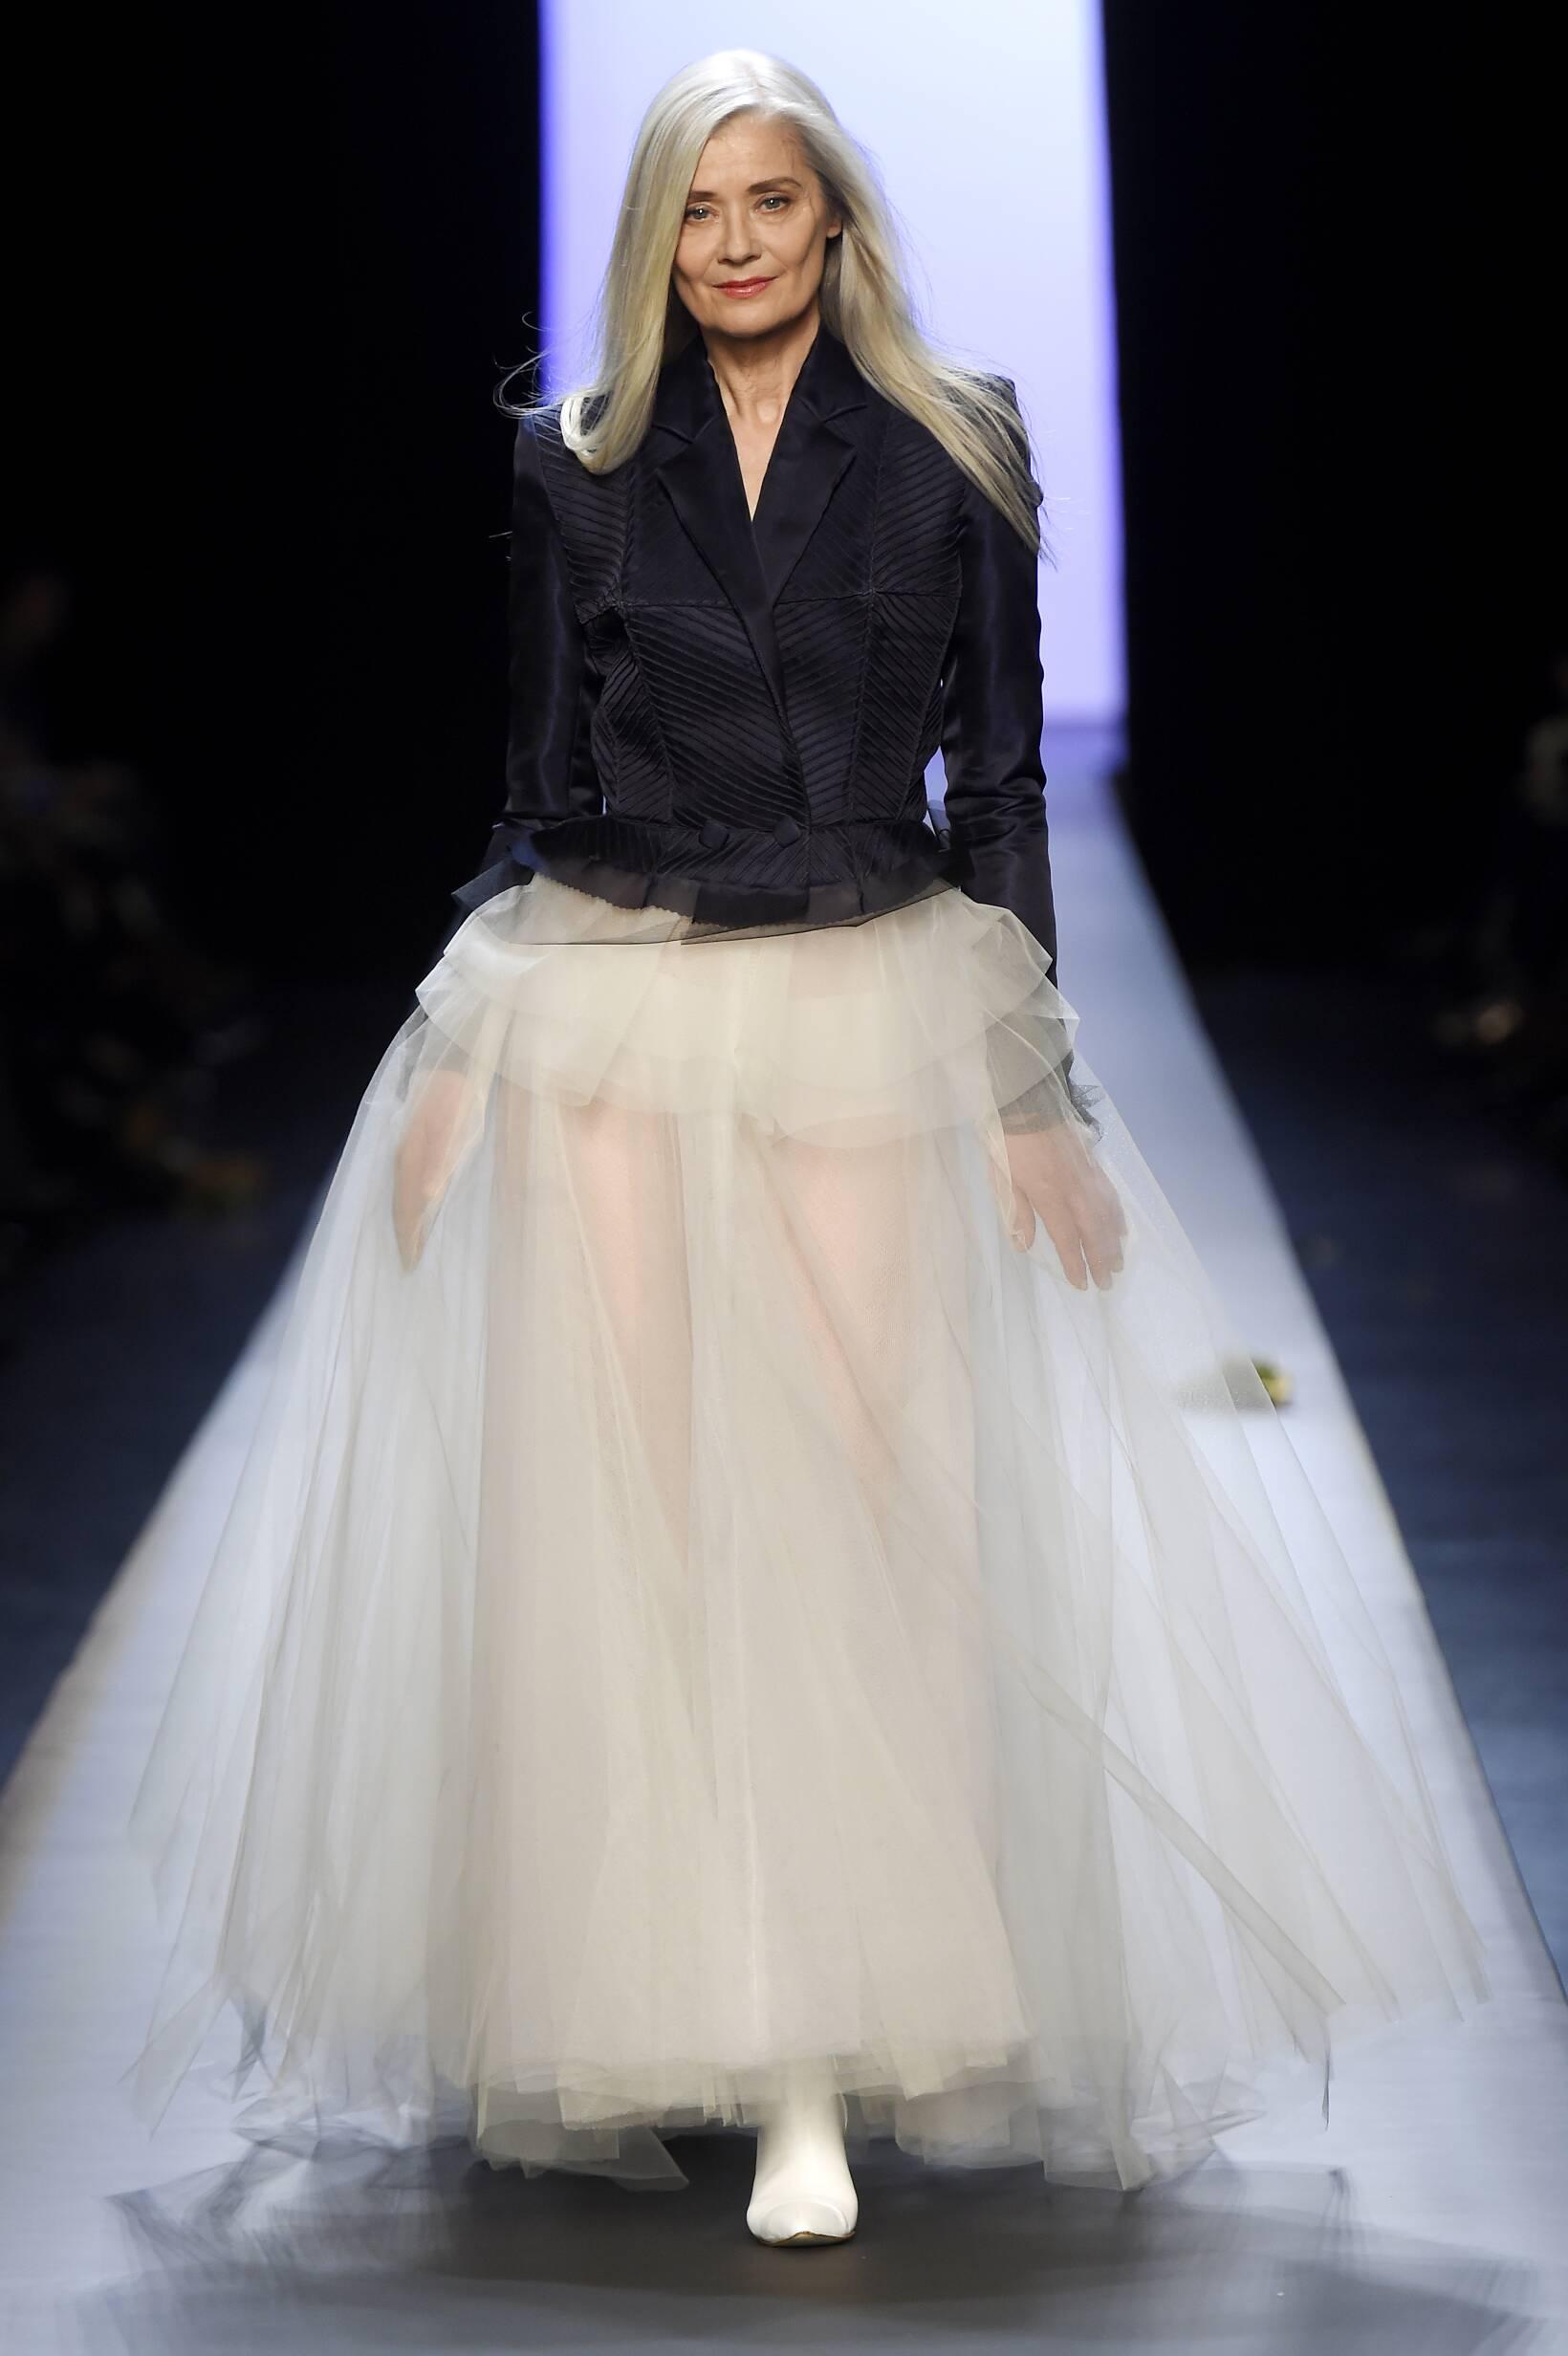 Jean Paul Gaultier Haute Couture Fashion